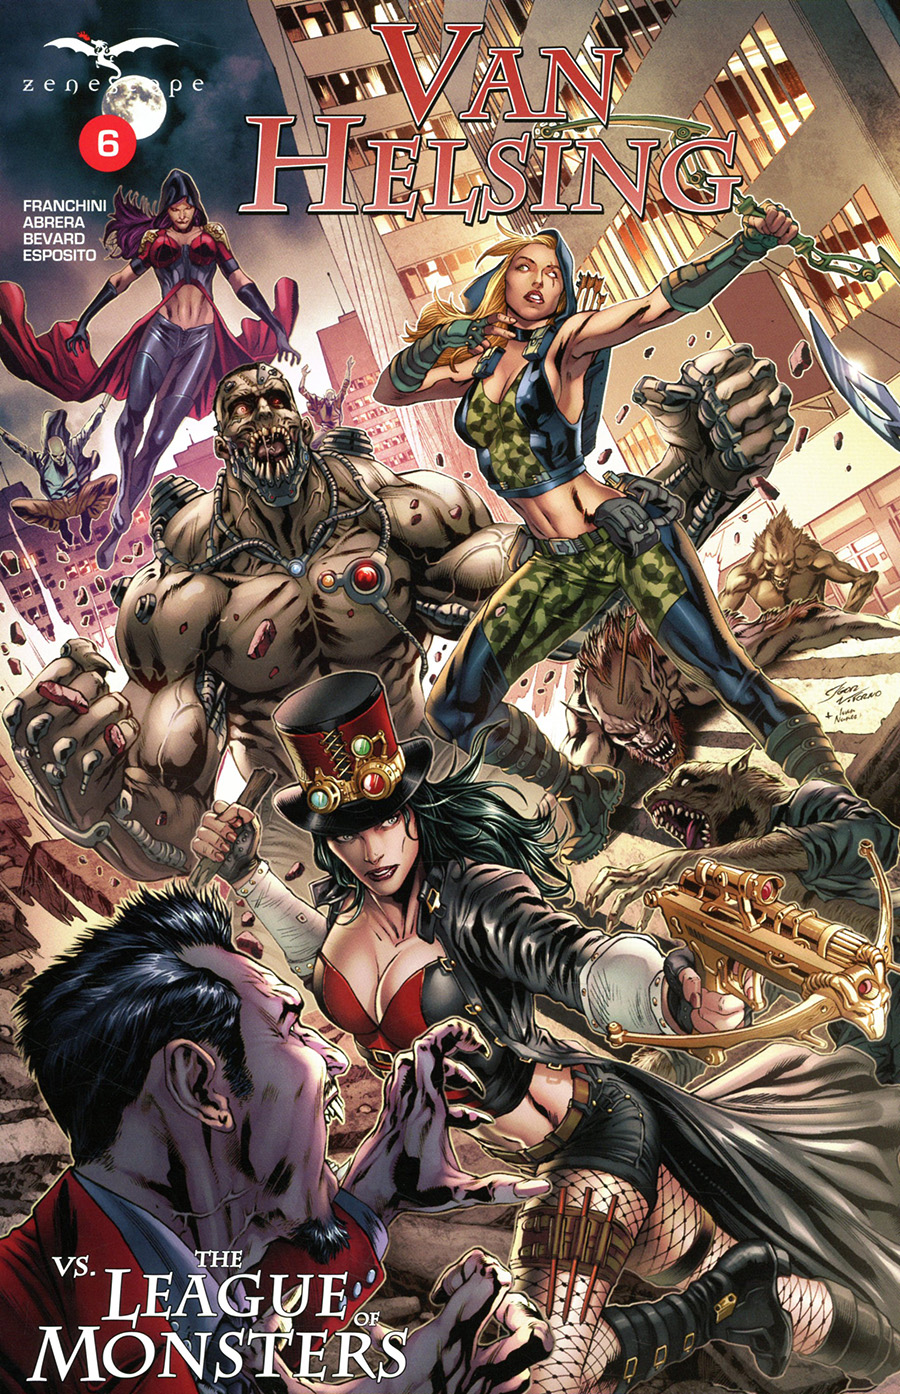 Van Helsing Vs The League of Monsters #6